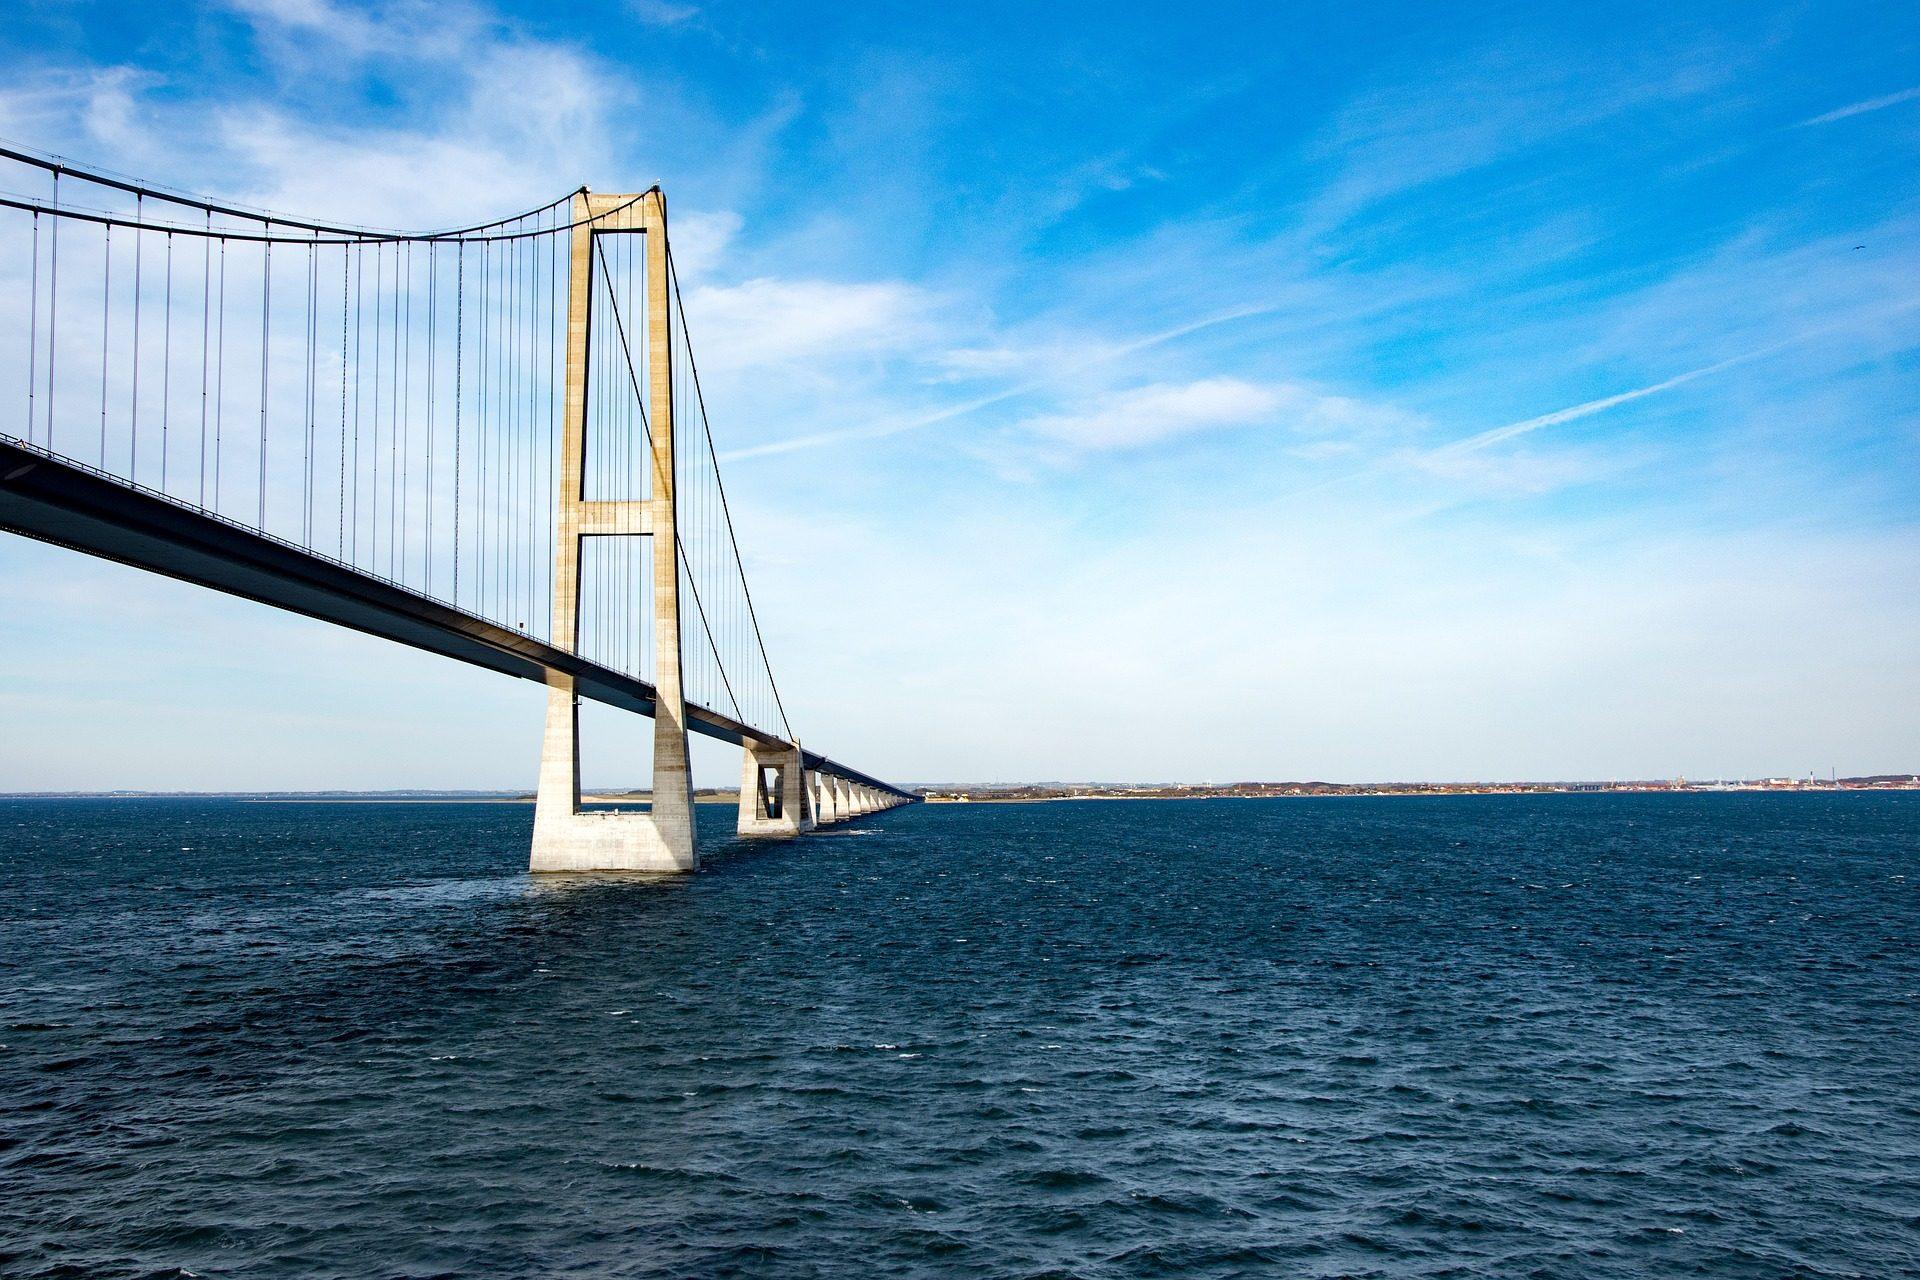 мост, Кабели, крепежные системы, Море, воды, Небо - Обои HD - Профессор falken.com